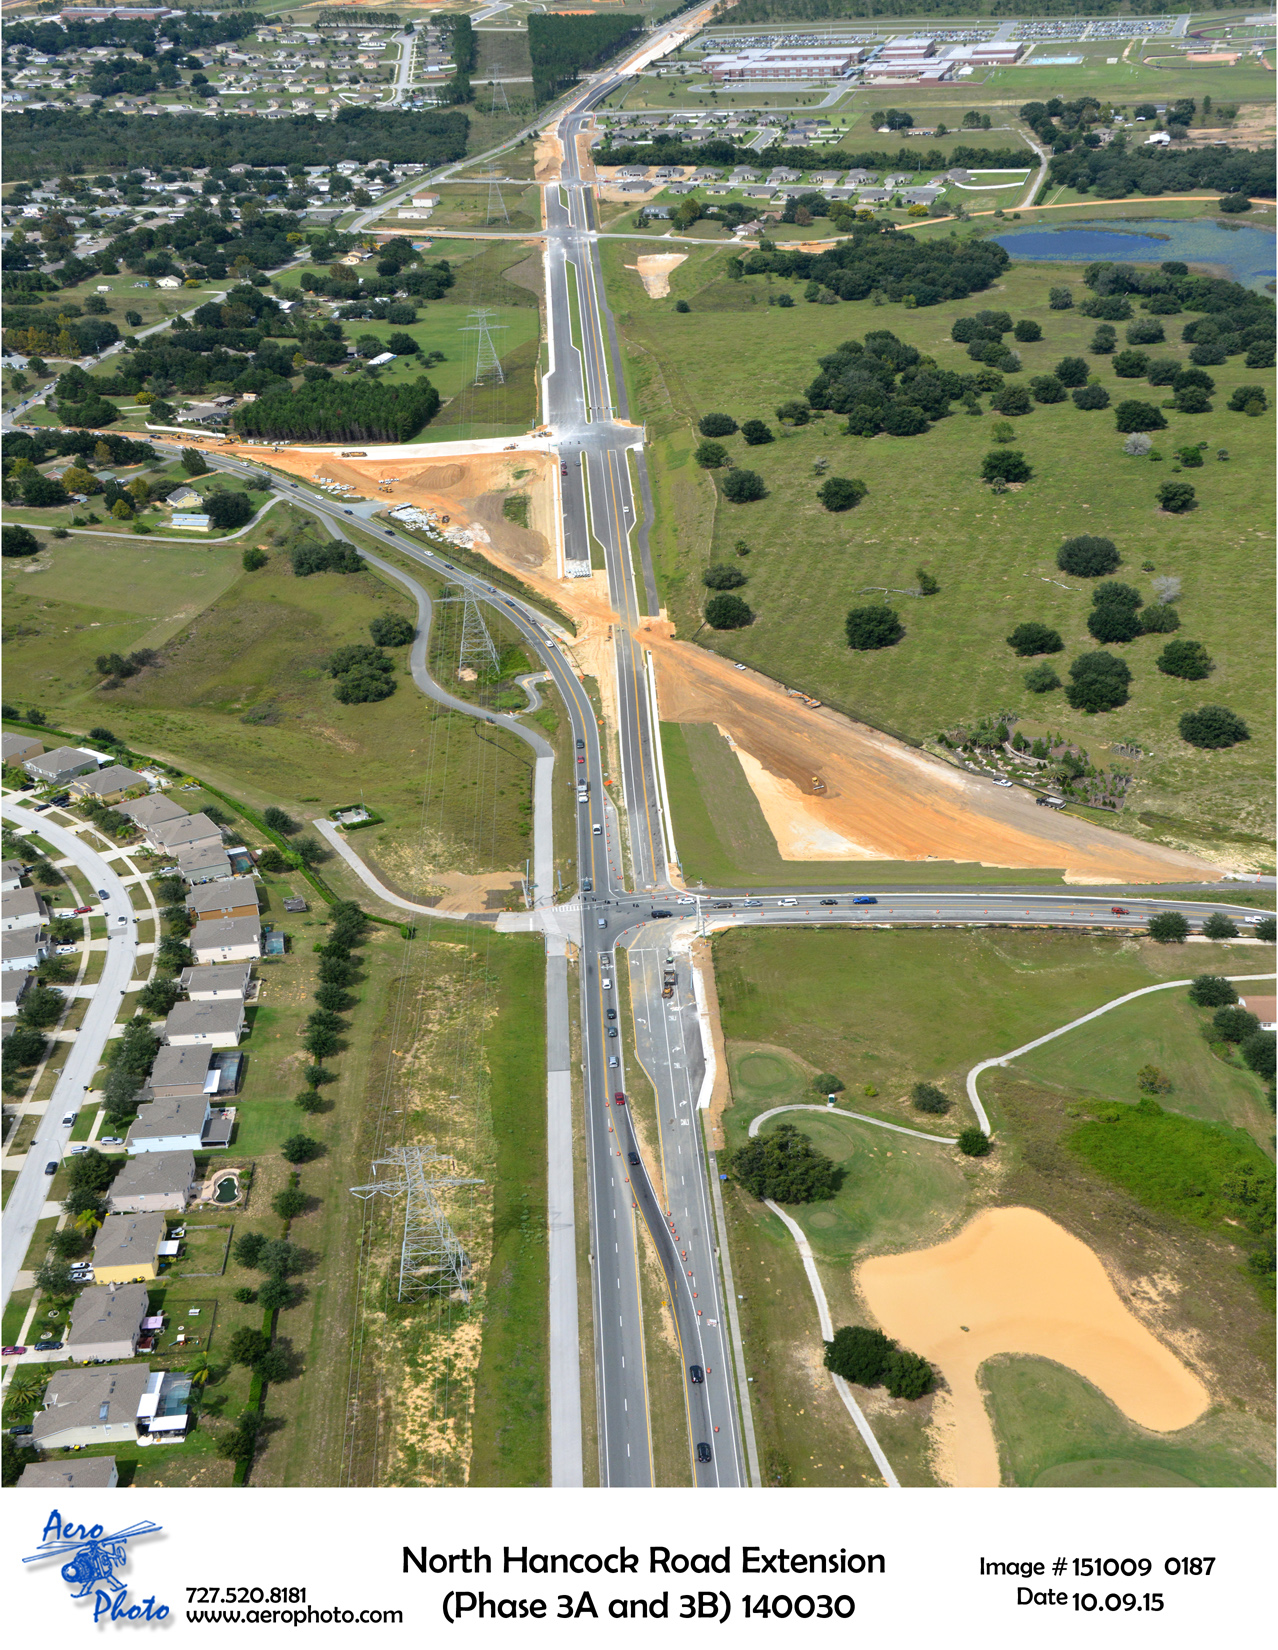 N. Hancock Road Aerial Taken 10/14/15